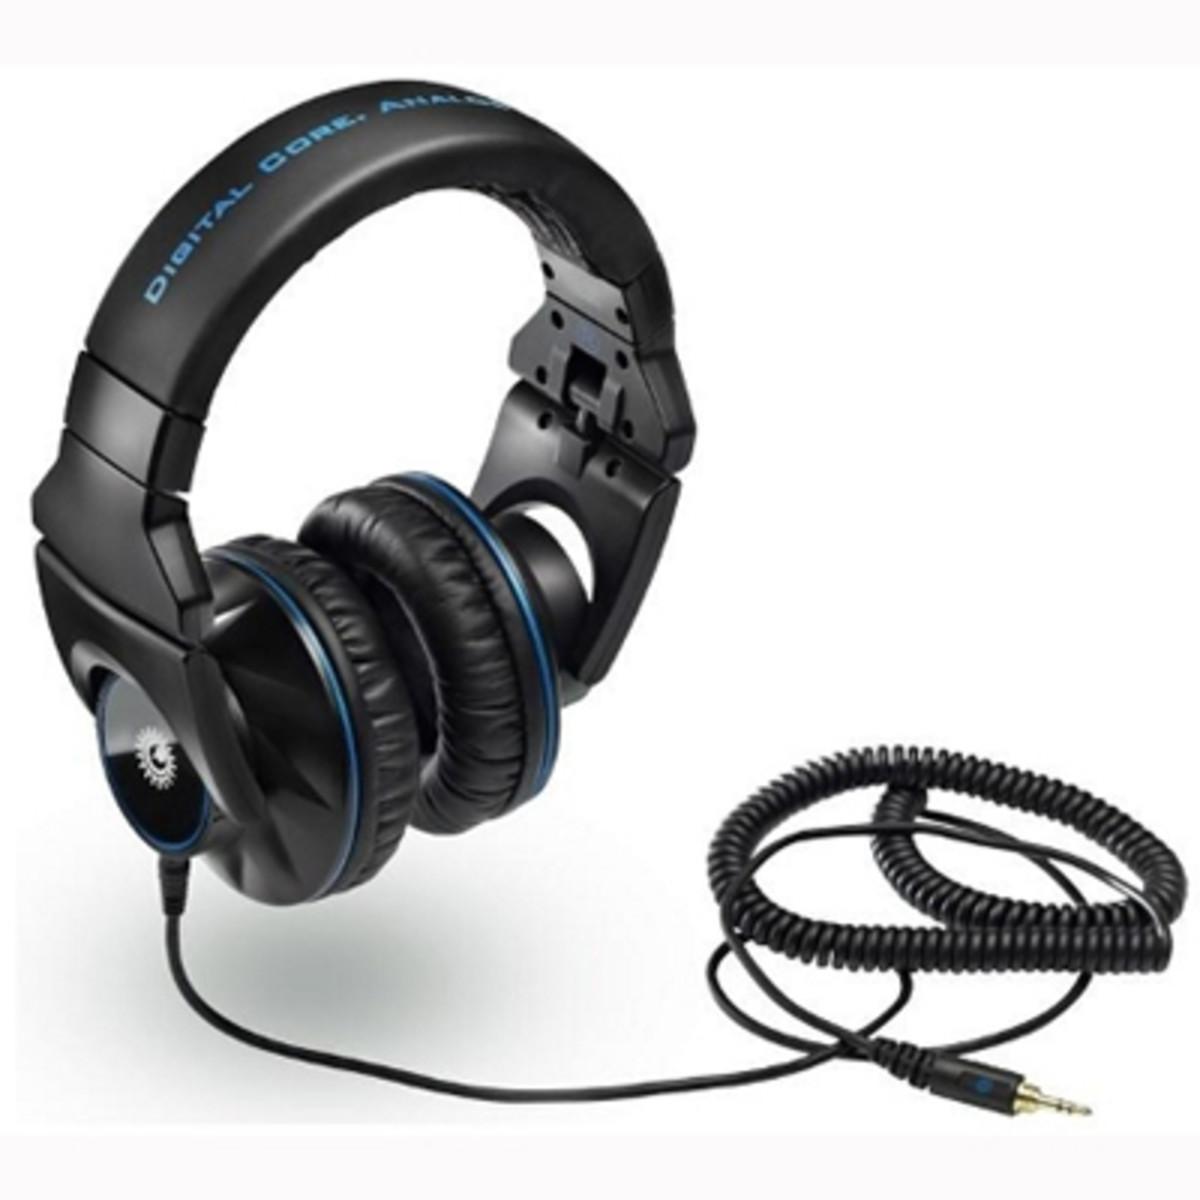 herculesheadphones.jpg